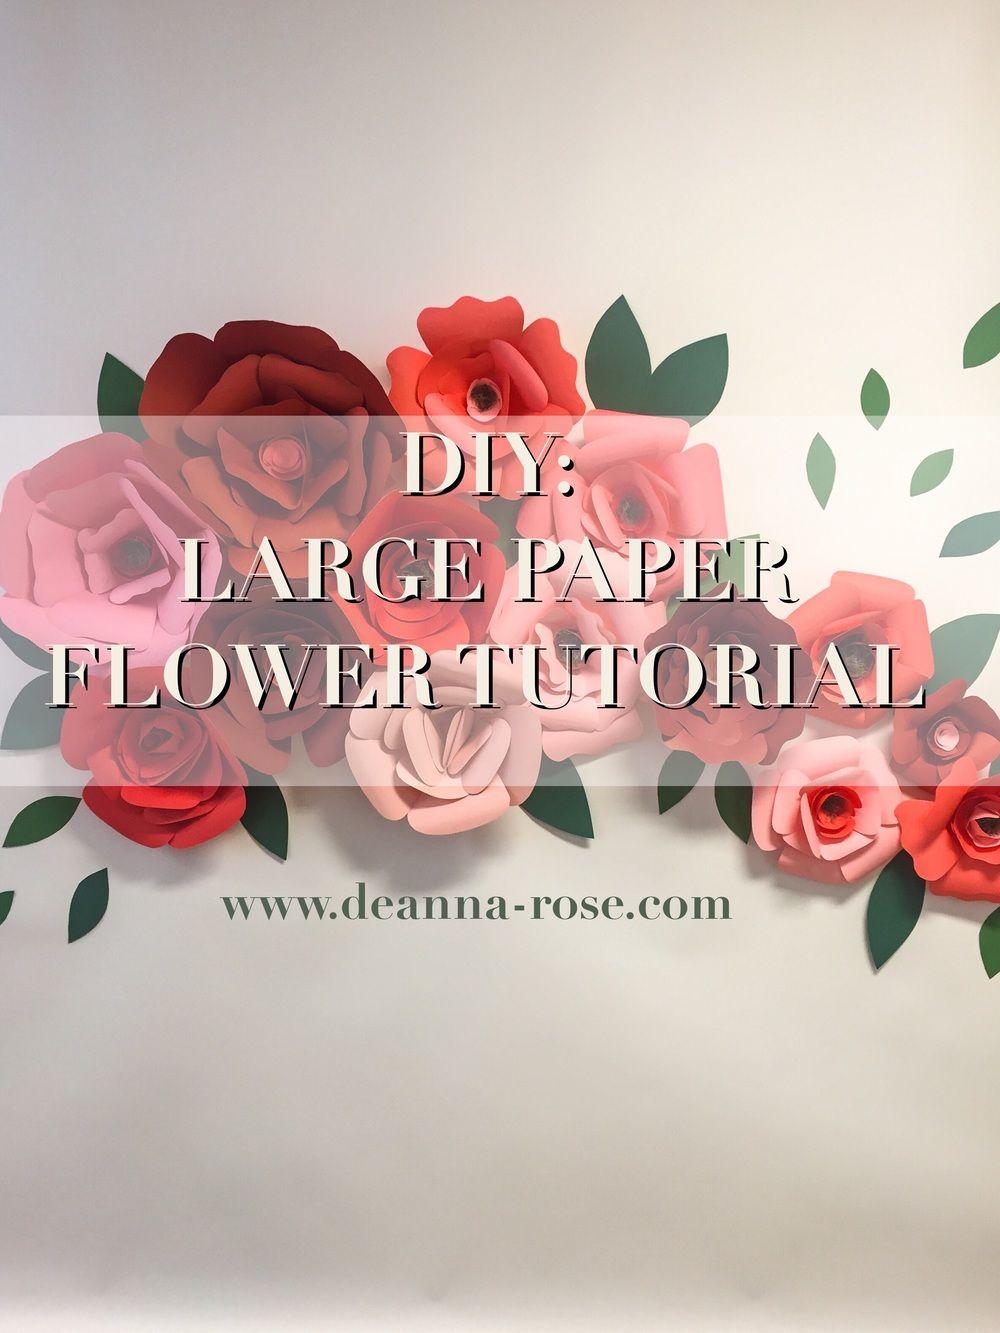 Diy bride large paper flower tutorial paper flower tutorial diy large paper flower tutorial deanna rose mightylinksfo